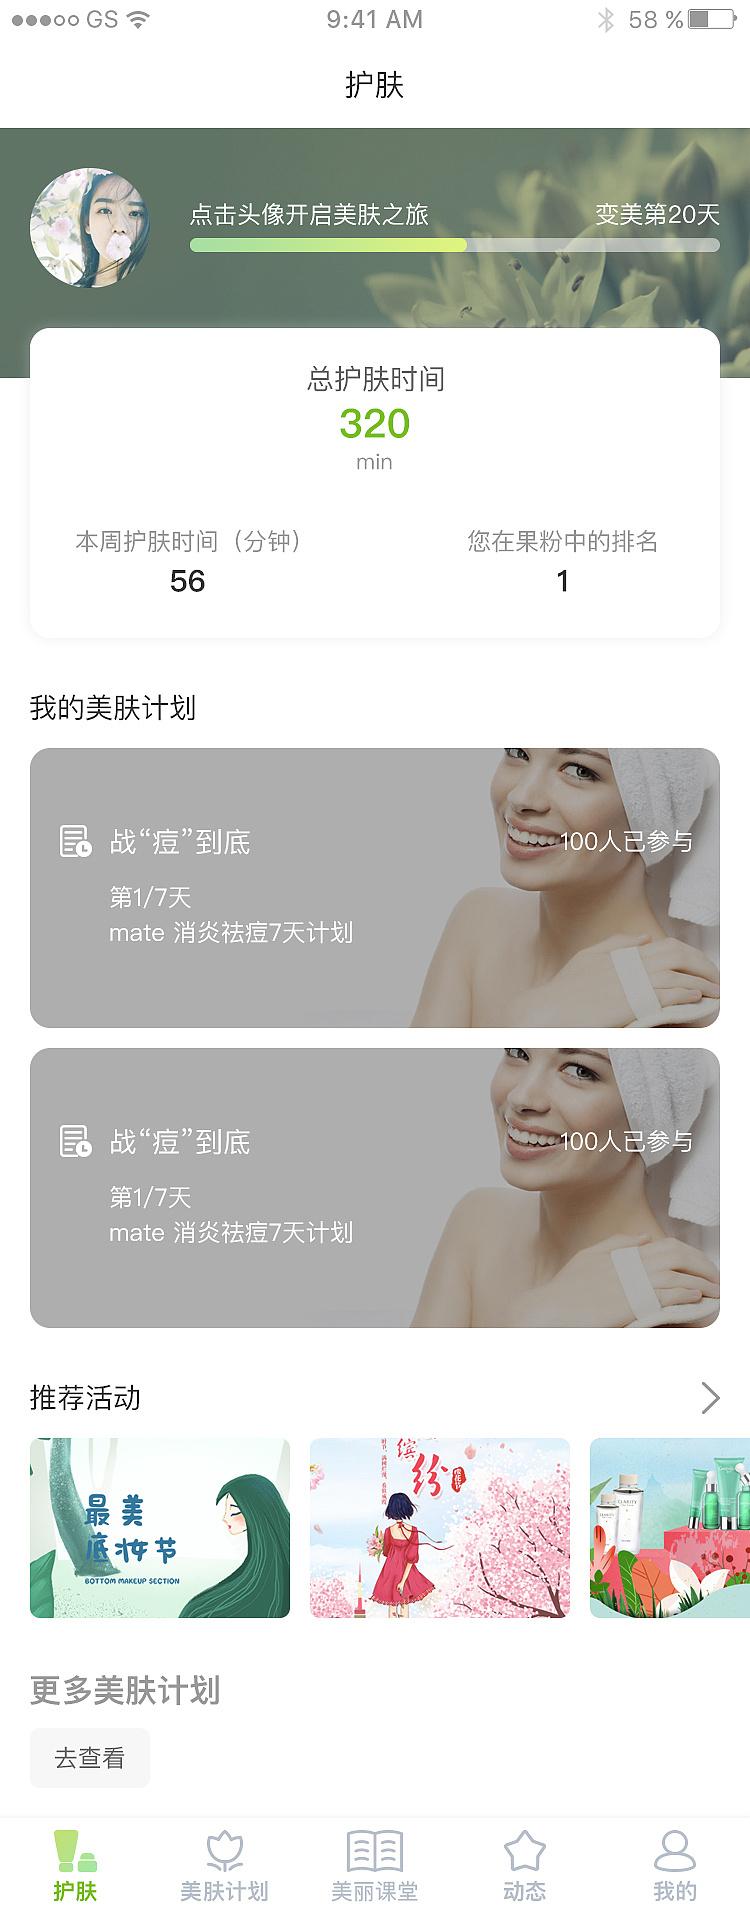 91wzyc.com